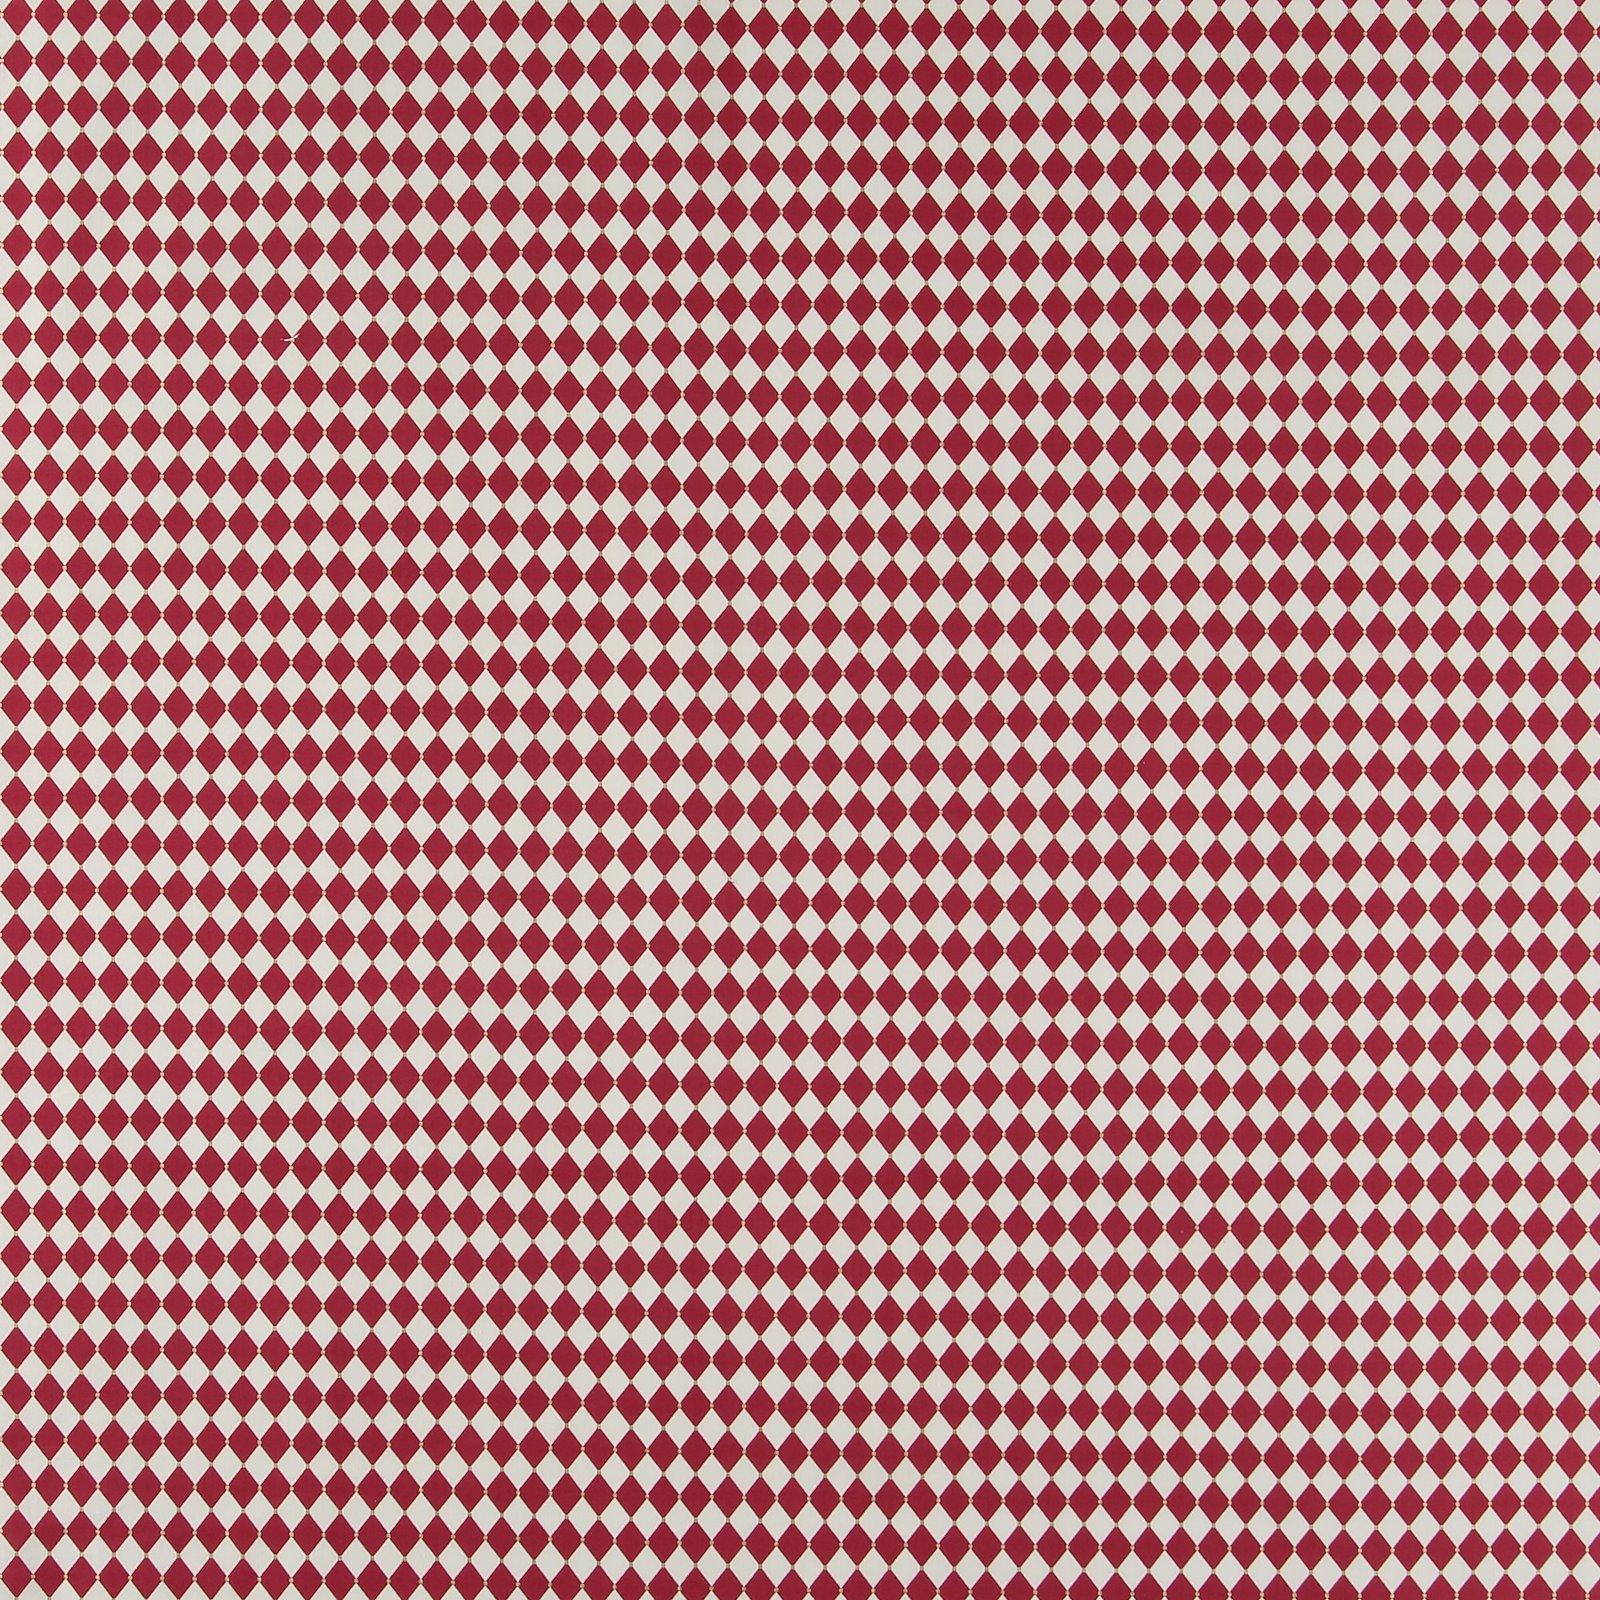 Baumwolle, Rot/Weiß Harlekin kariert 852395_pack_sp